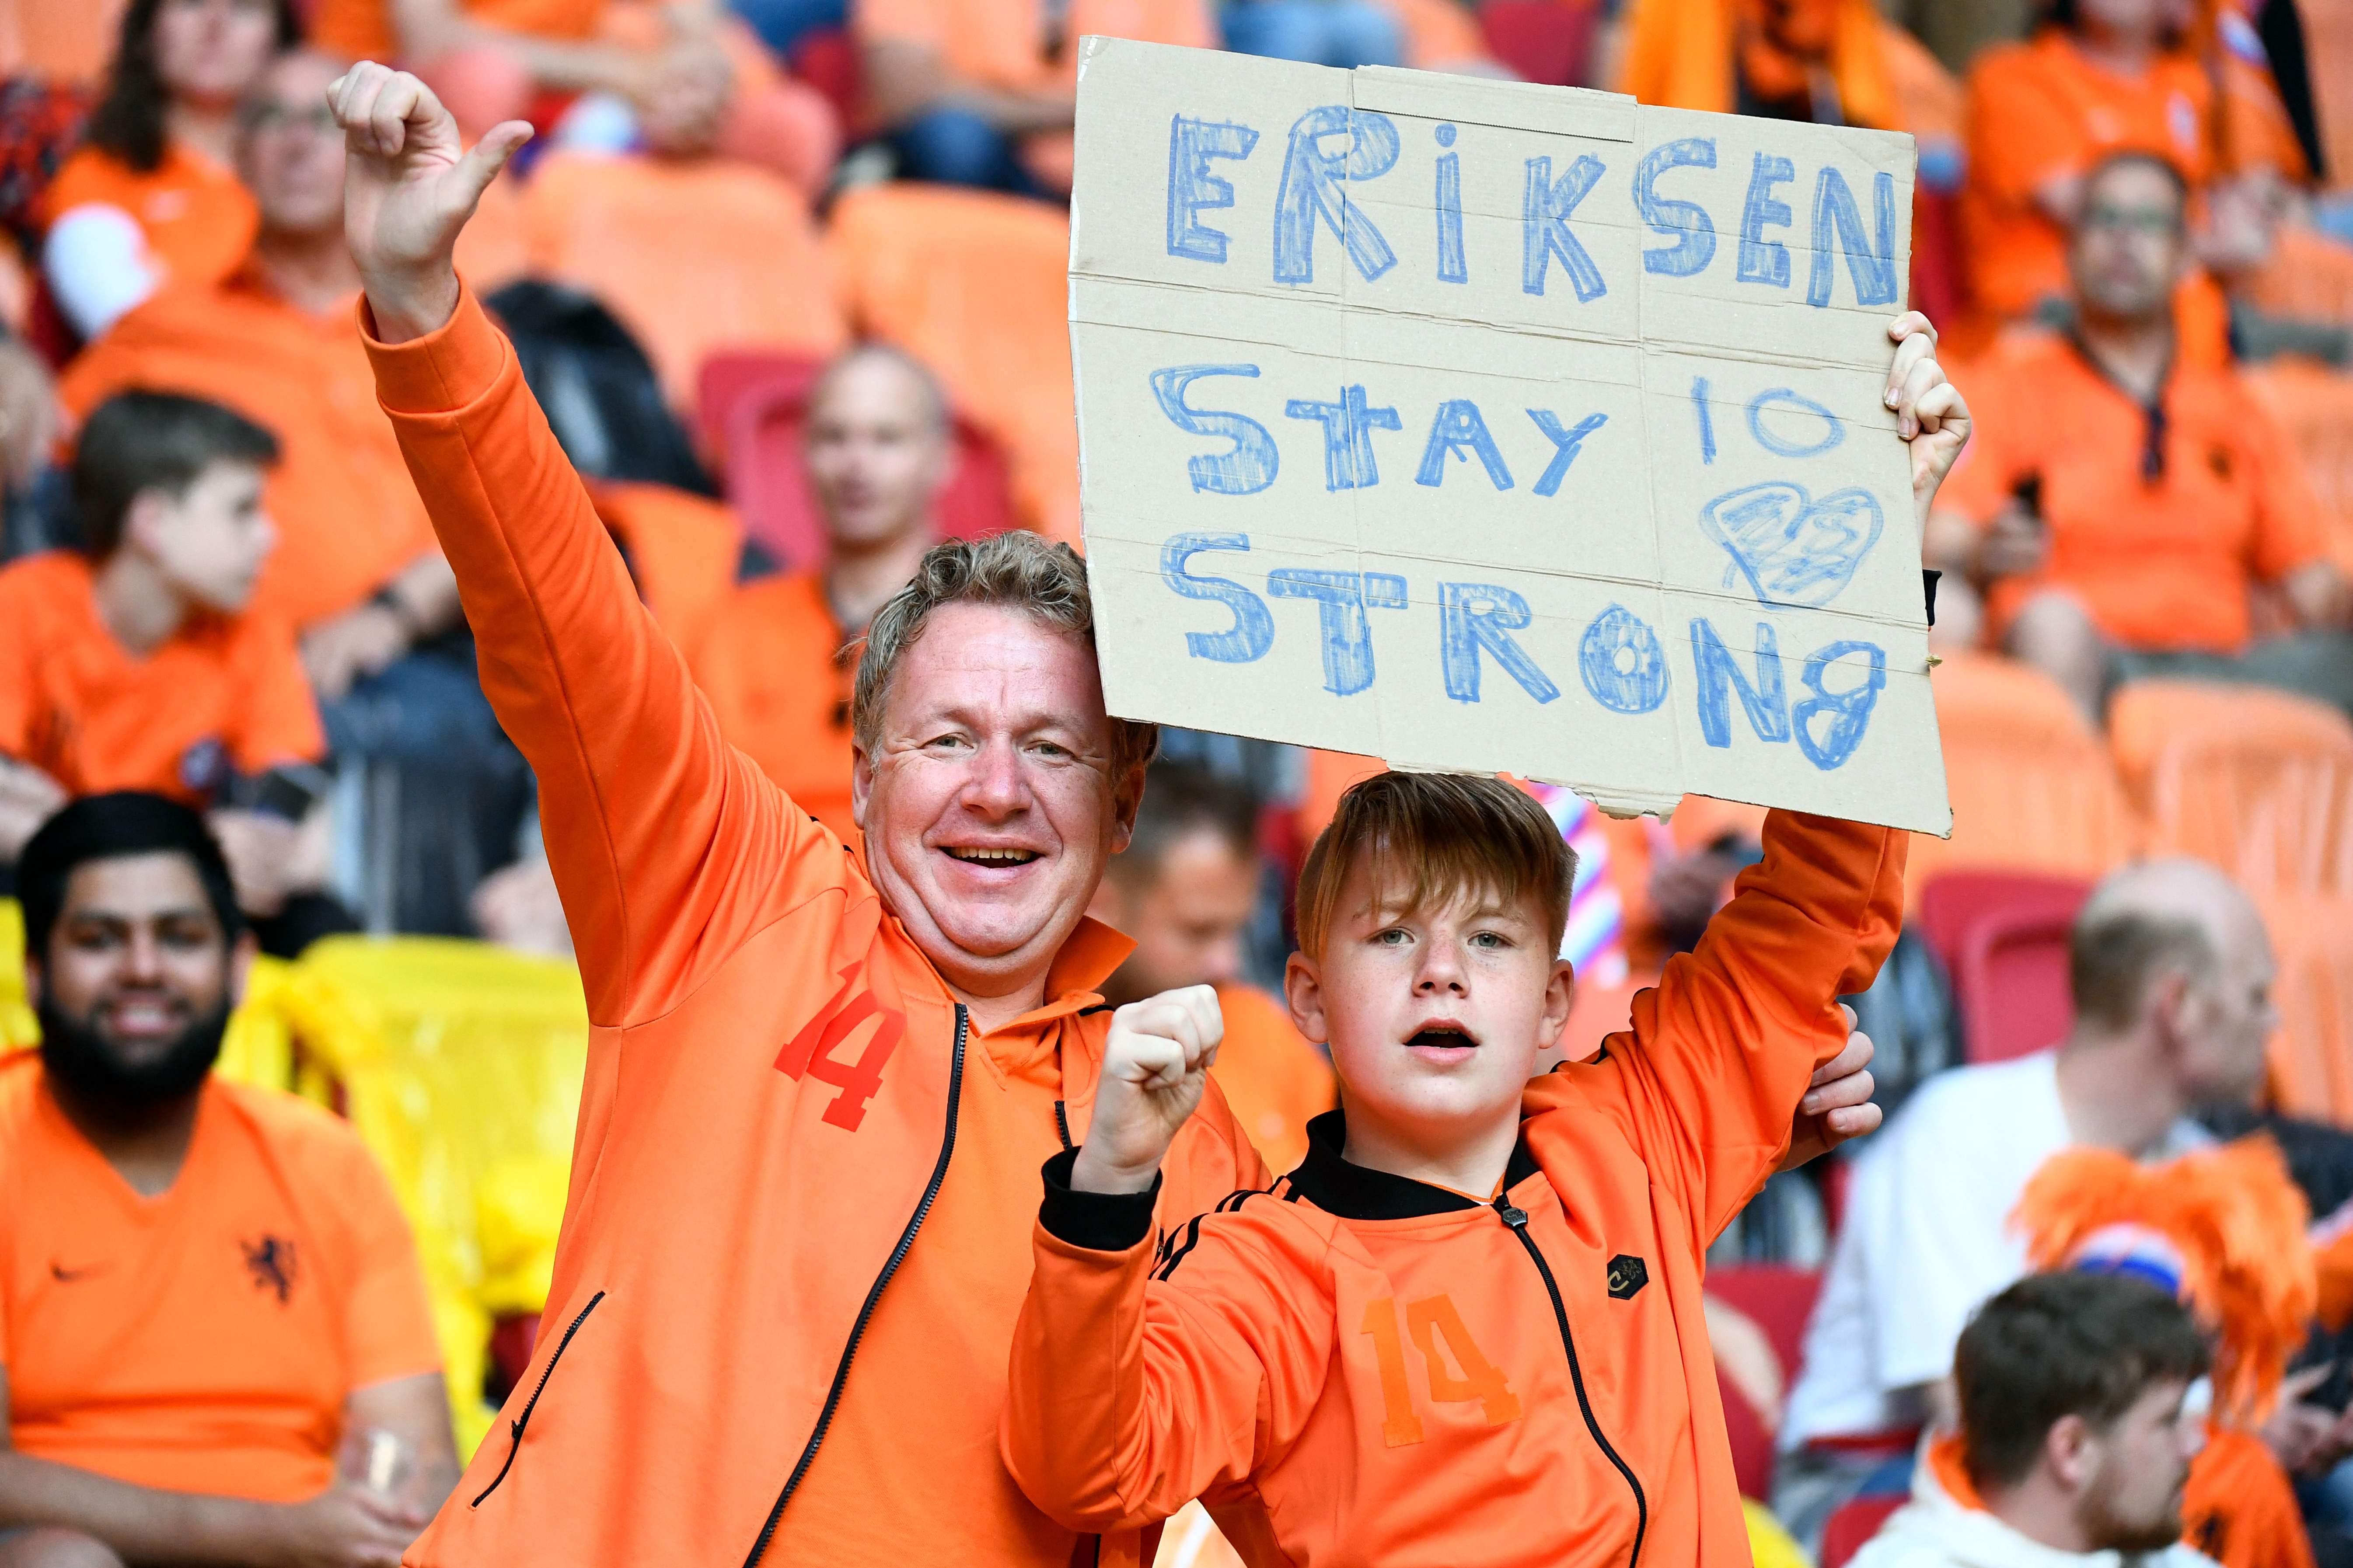 Eriksen: Les joueurs danois critiquent l'UEFA sur la reprise du match